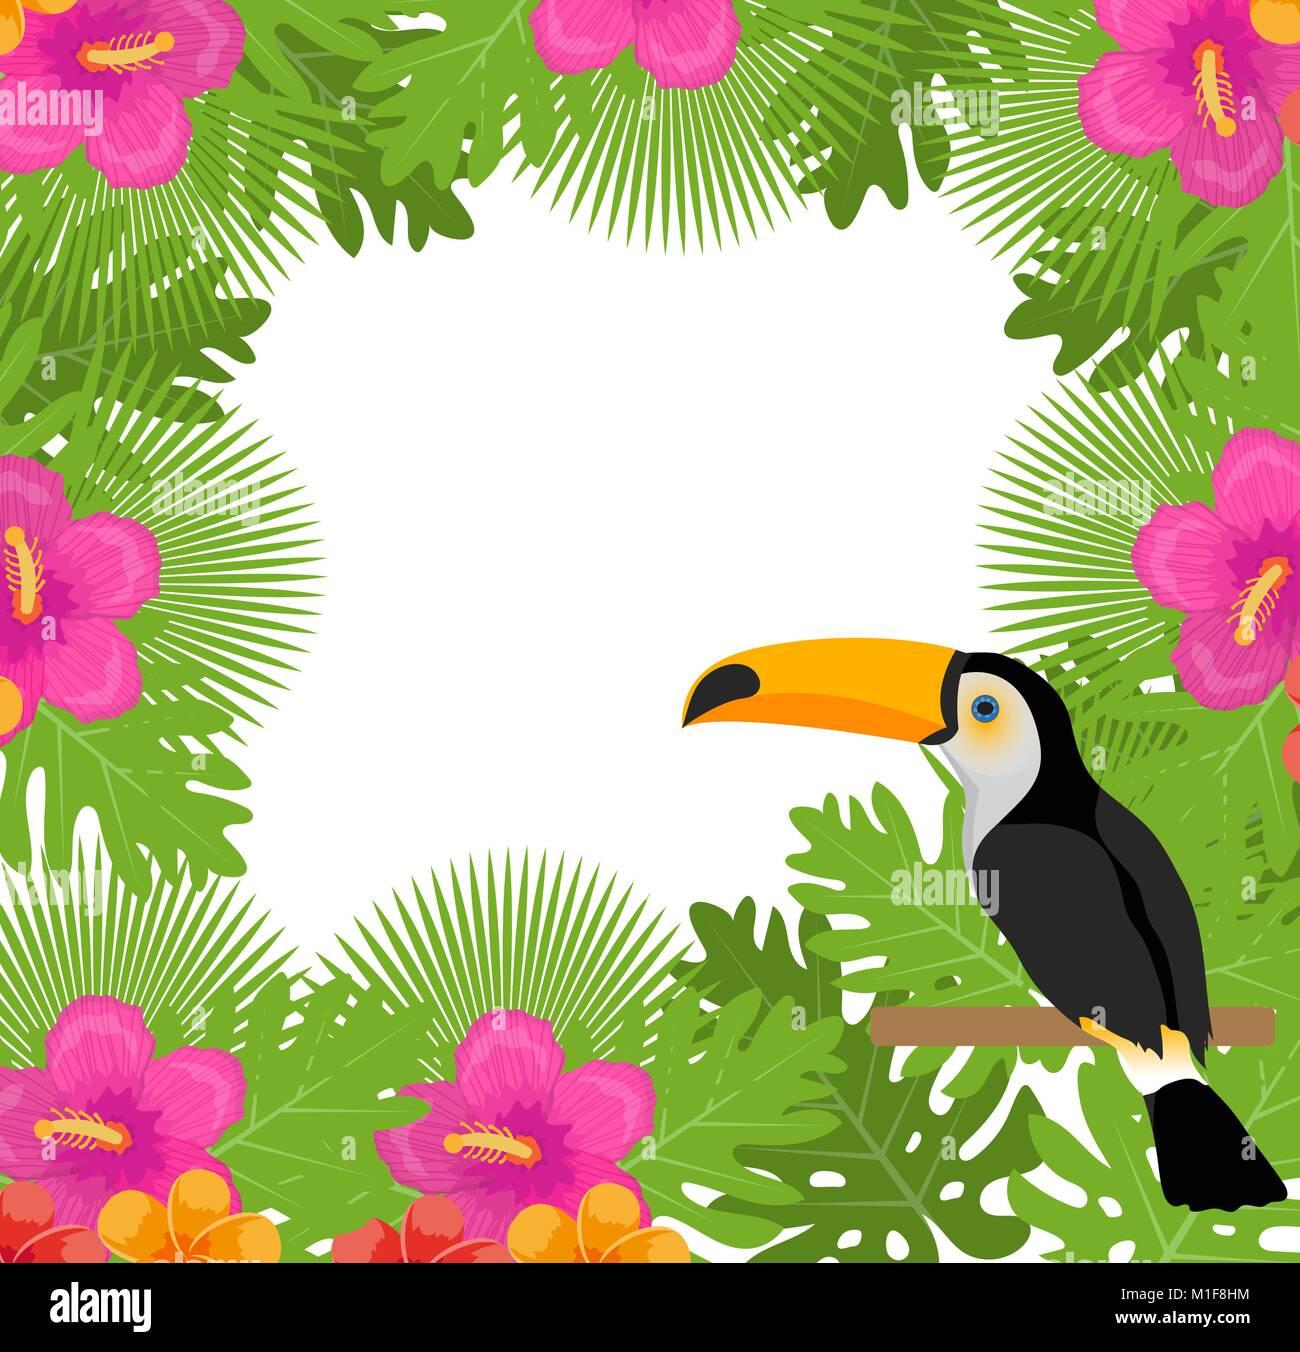 Tropische Rahmen mit Blumen, Pflanzen und Vögel toucan. Sommer ...